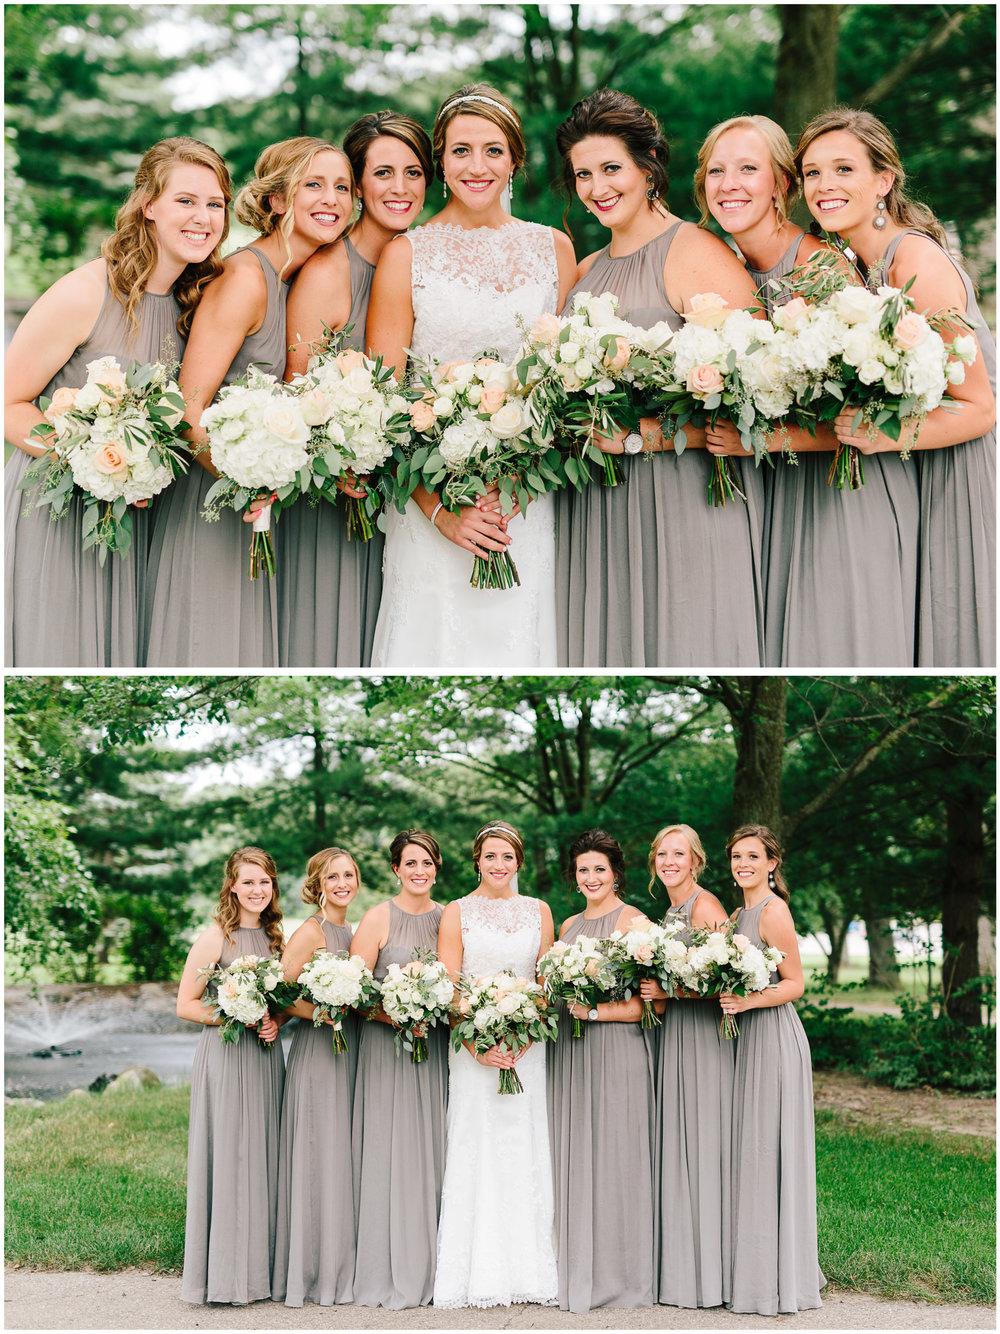 ann_arbor_michigan_wedding_52a.jpg